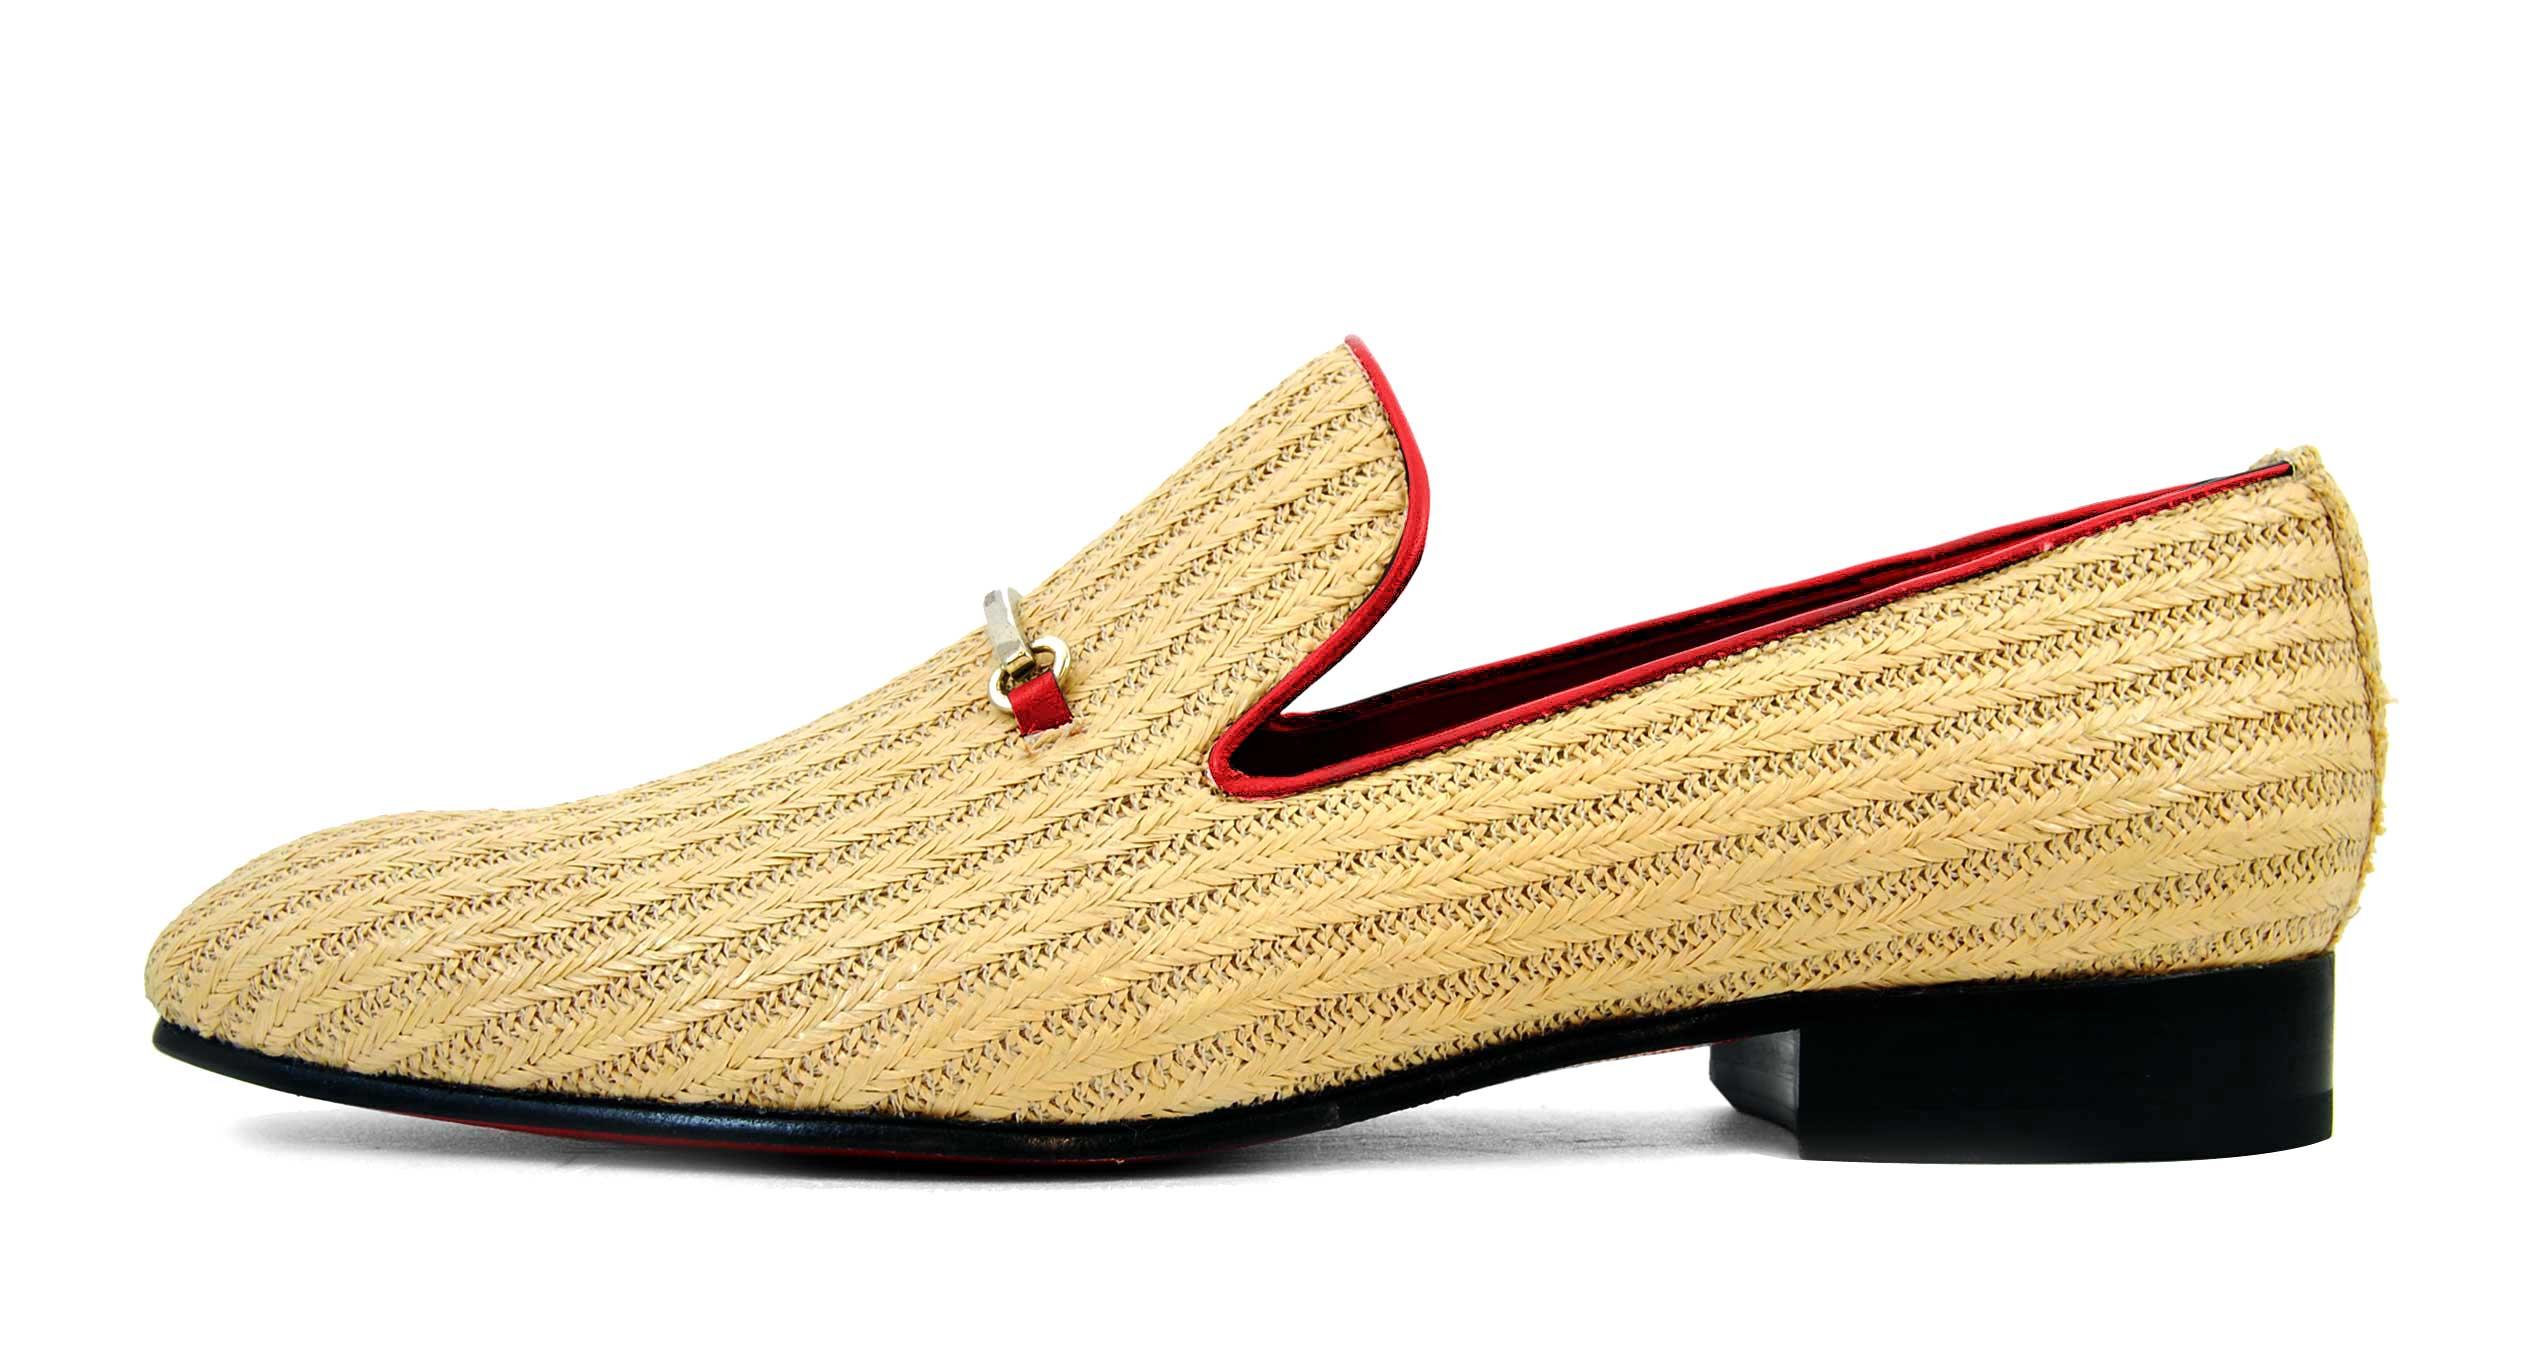 Foto 1 de Zapatos Palma Panameña Con Ribete Rojo